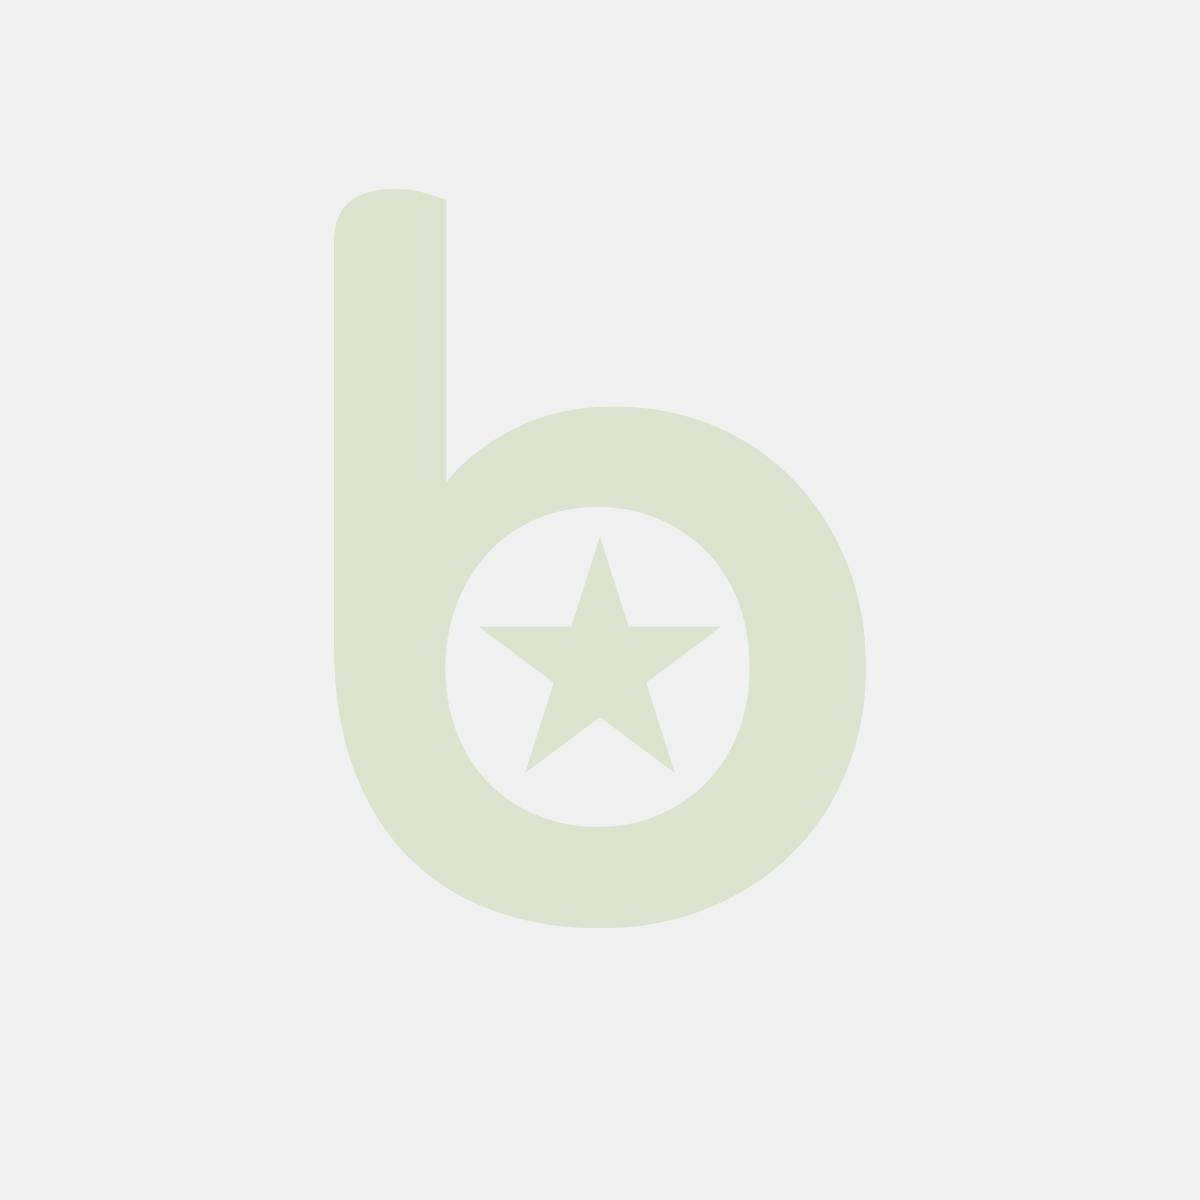 Sito barmańskie standard stal nierdzewna AISI 420 i PVC